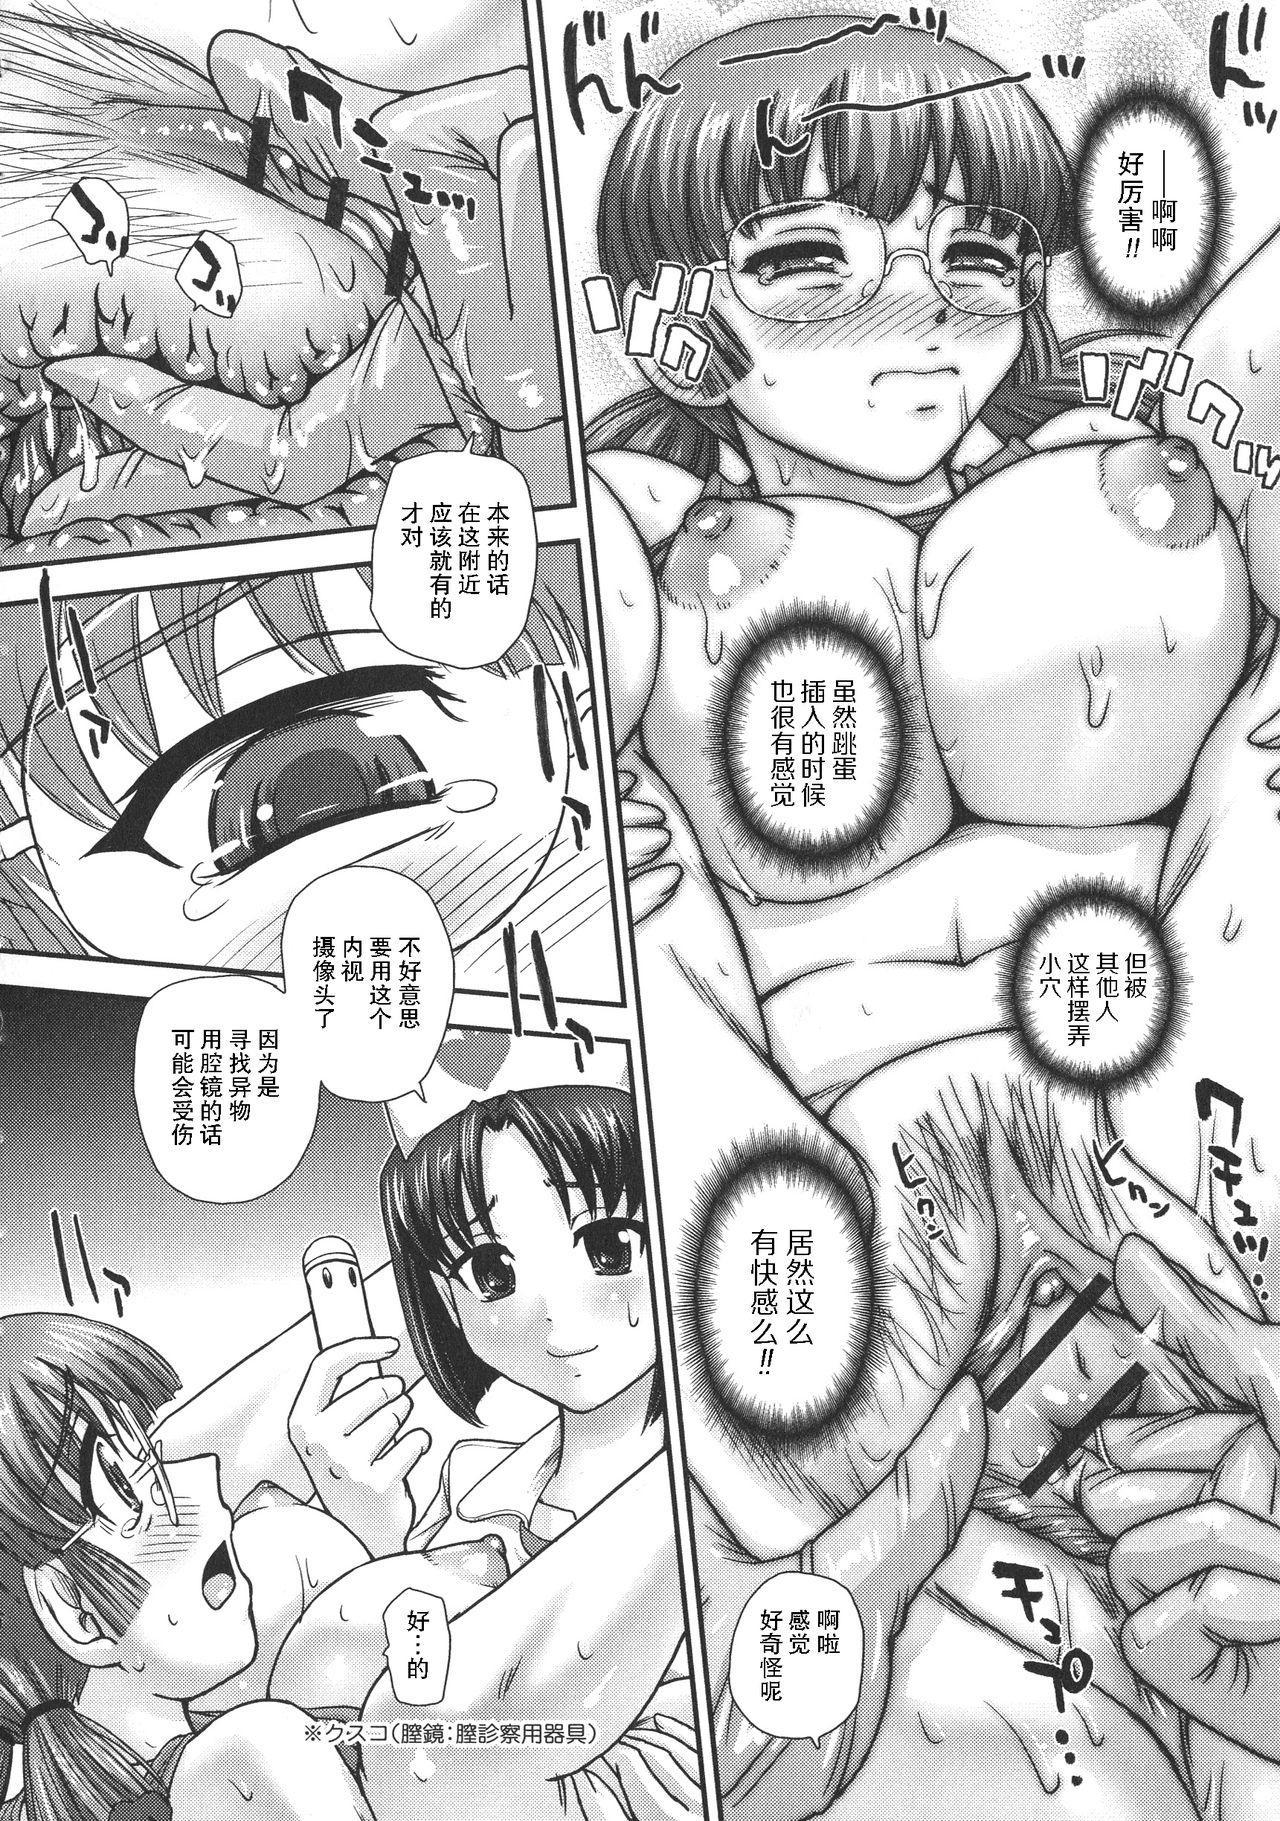 Niyotaika Ryoujoku Kensa 43